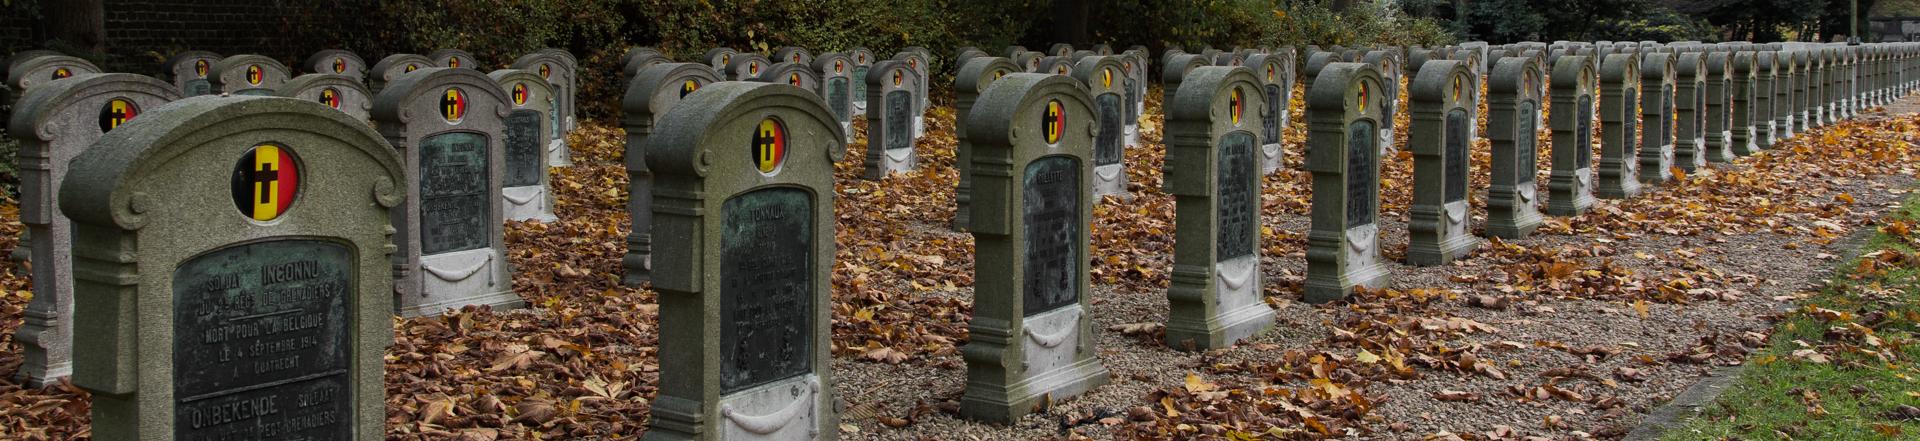 Begraafplaats Belgische militairen gesneuveld WO I te Westerbegraafplaats Gent